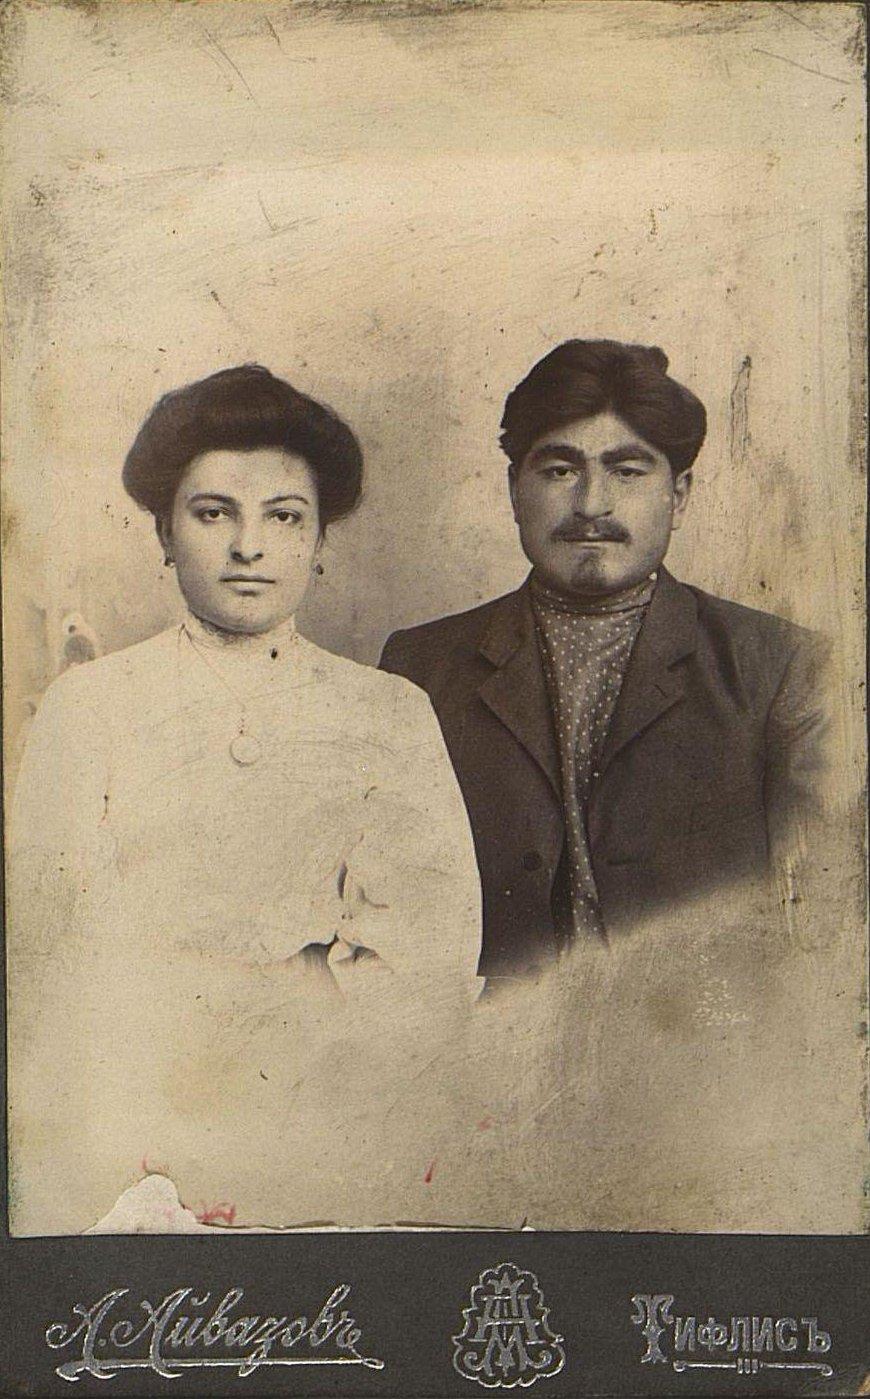 Вазагешвили Георгий Иванович, рабочий железнодорожного депо в Тифлисе, с женой. Айвазов А. 1910-1915